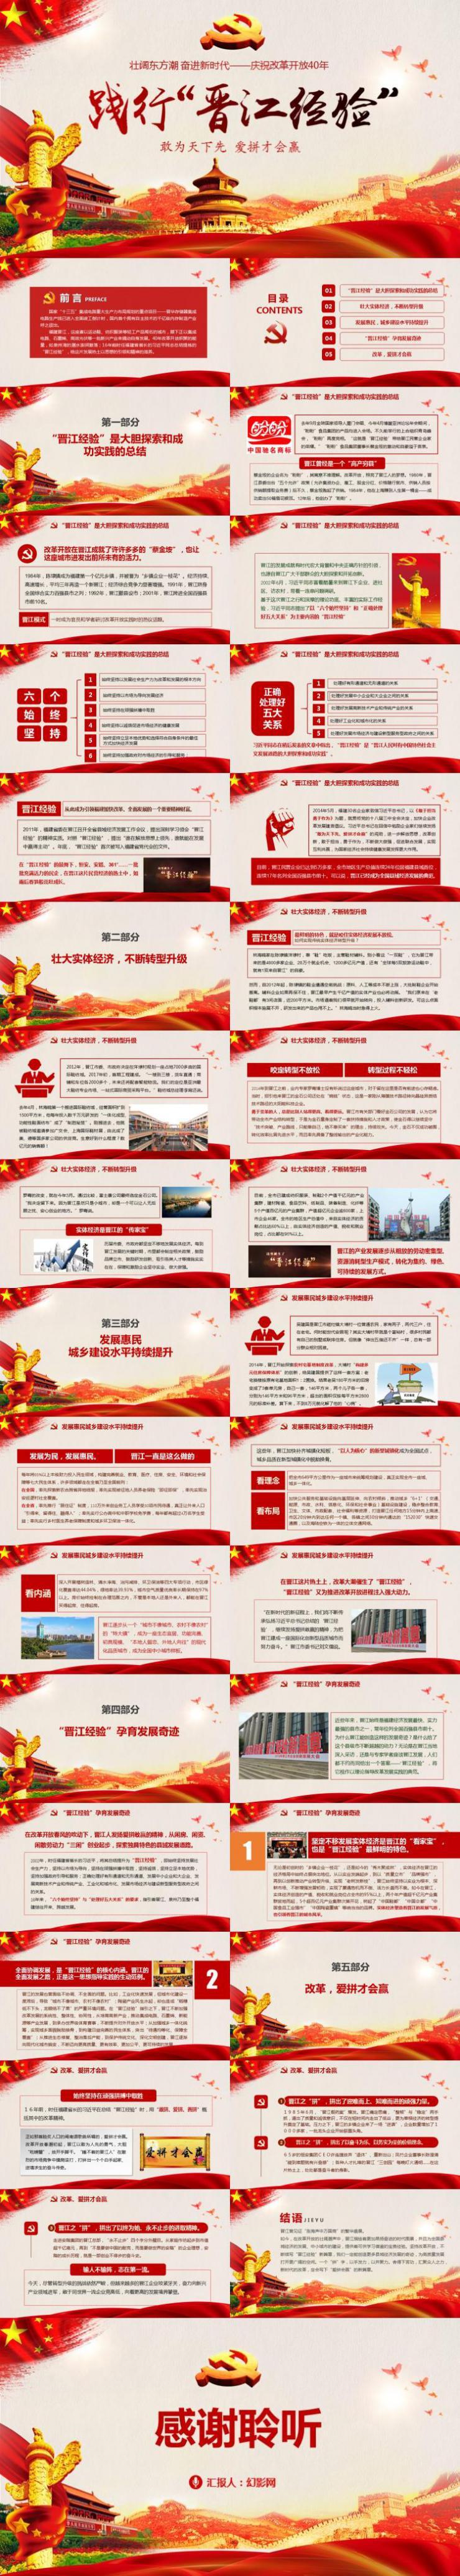 庆祝改革开放40年践行晋江经验PPT模板